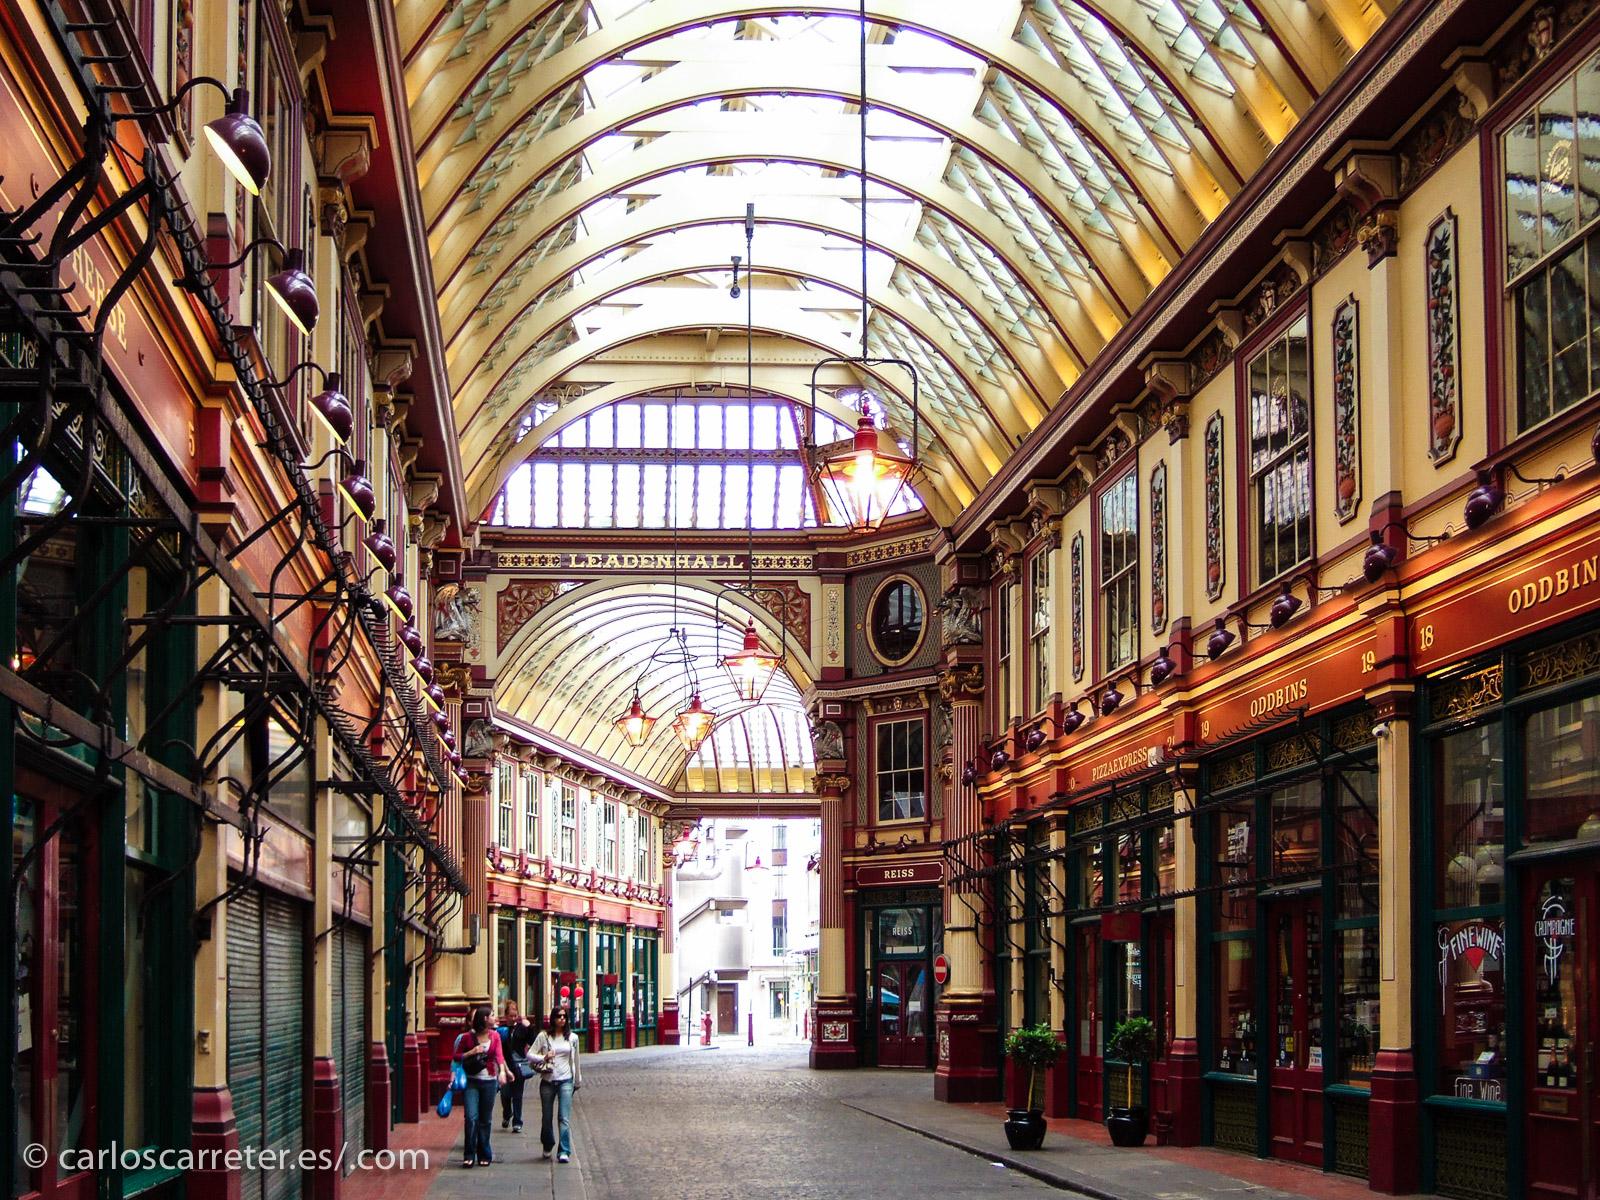 Nos vamos a Londres, que es donde transcurre la mayor parte de la acción de la novela; Leadenhall Market ya existía en la época de la misma, aunque no en el edificio actual que data de finales del XIX.